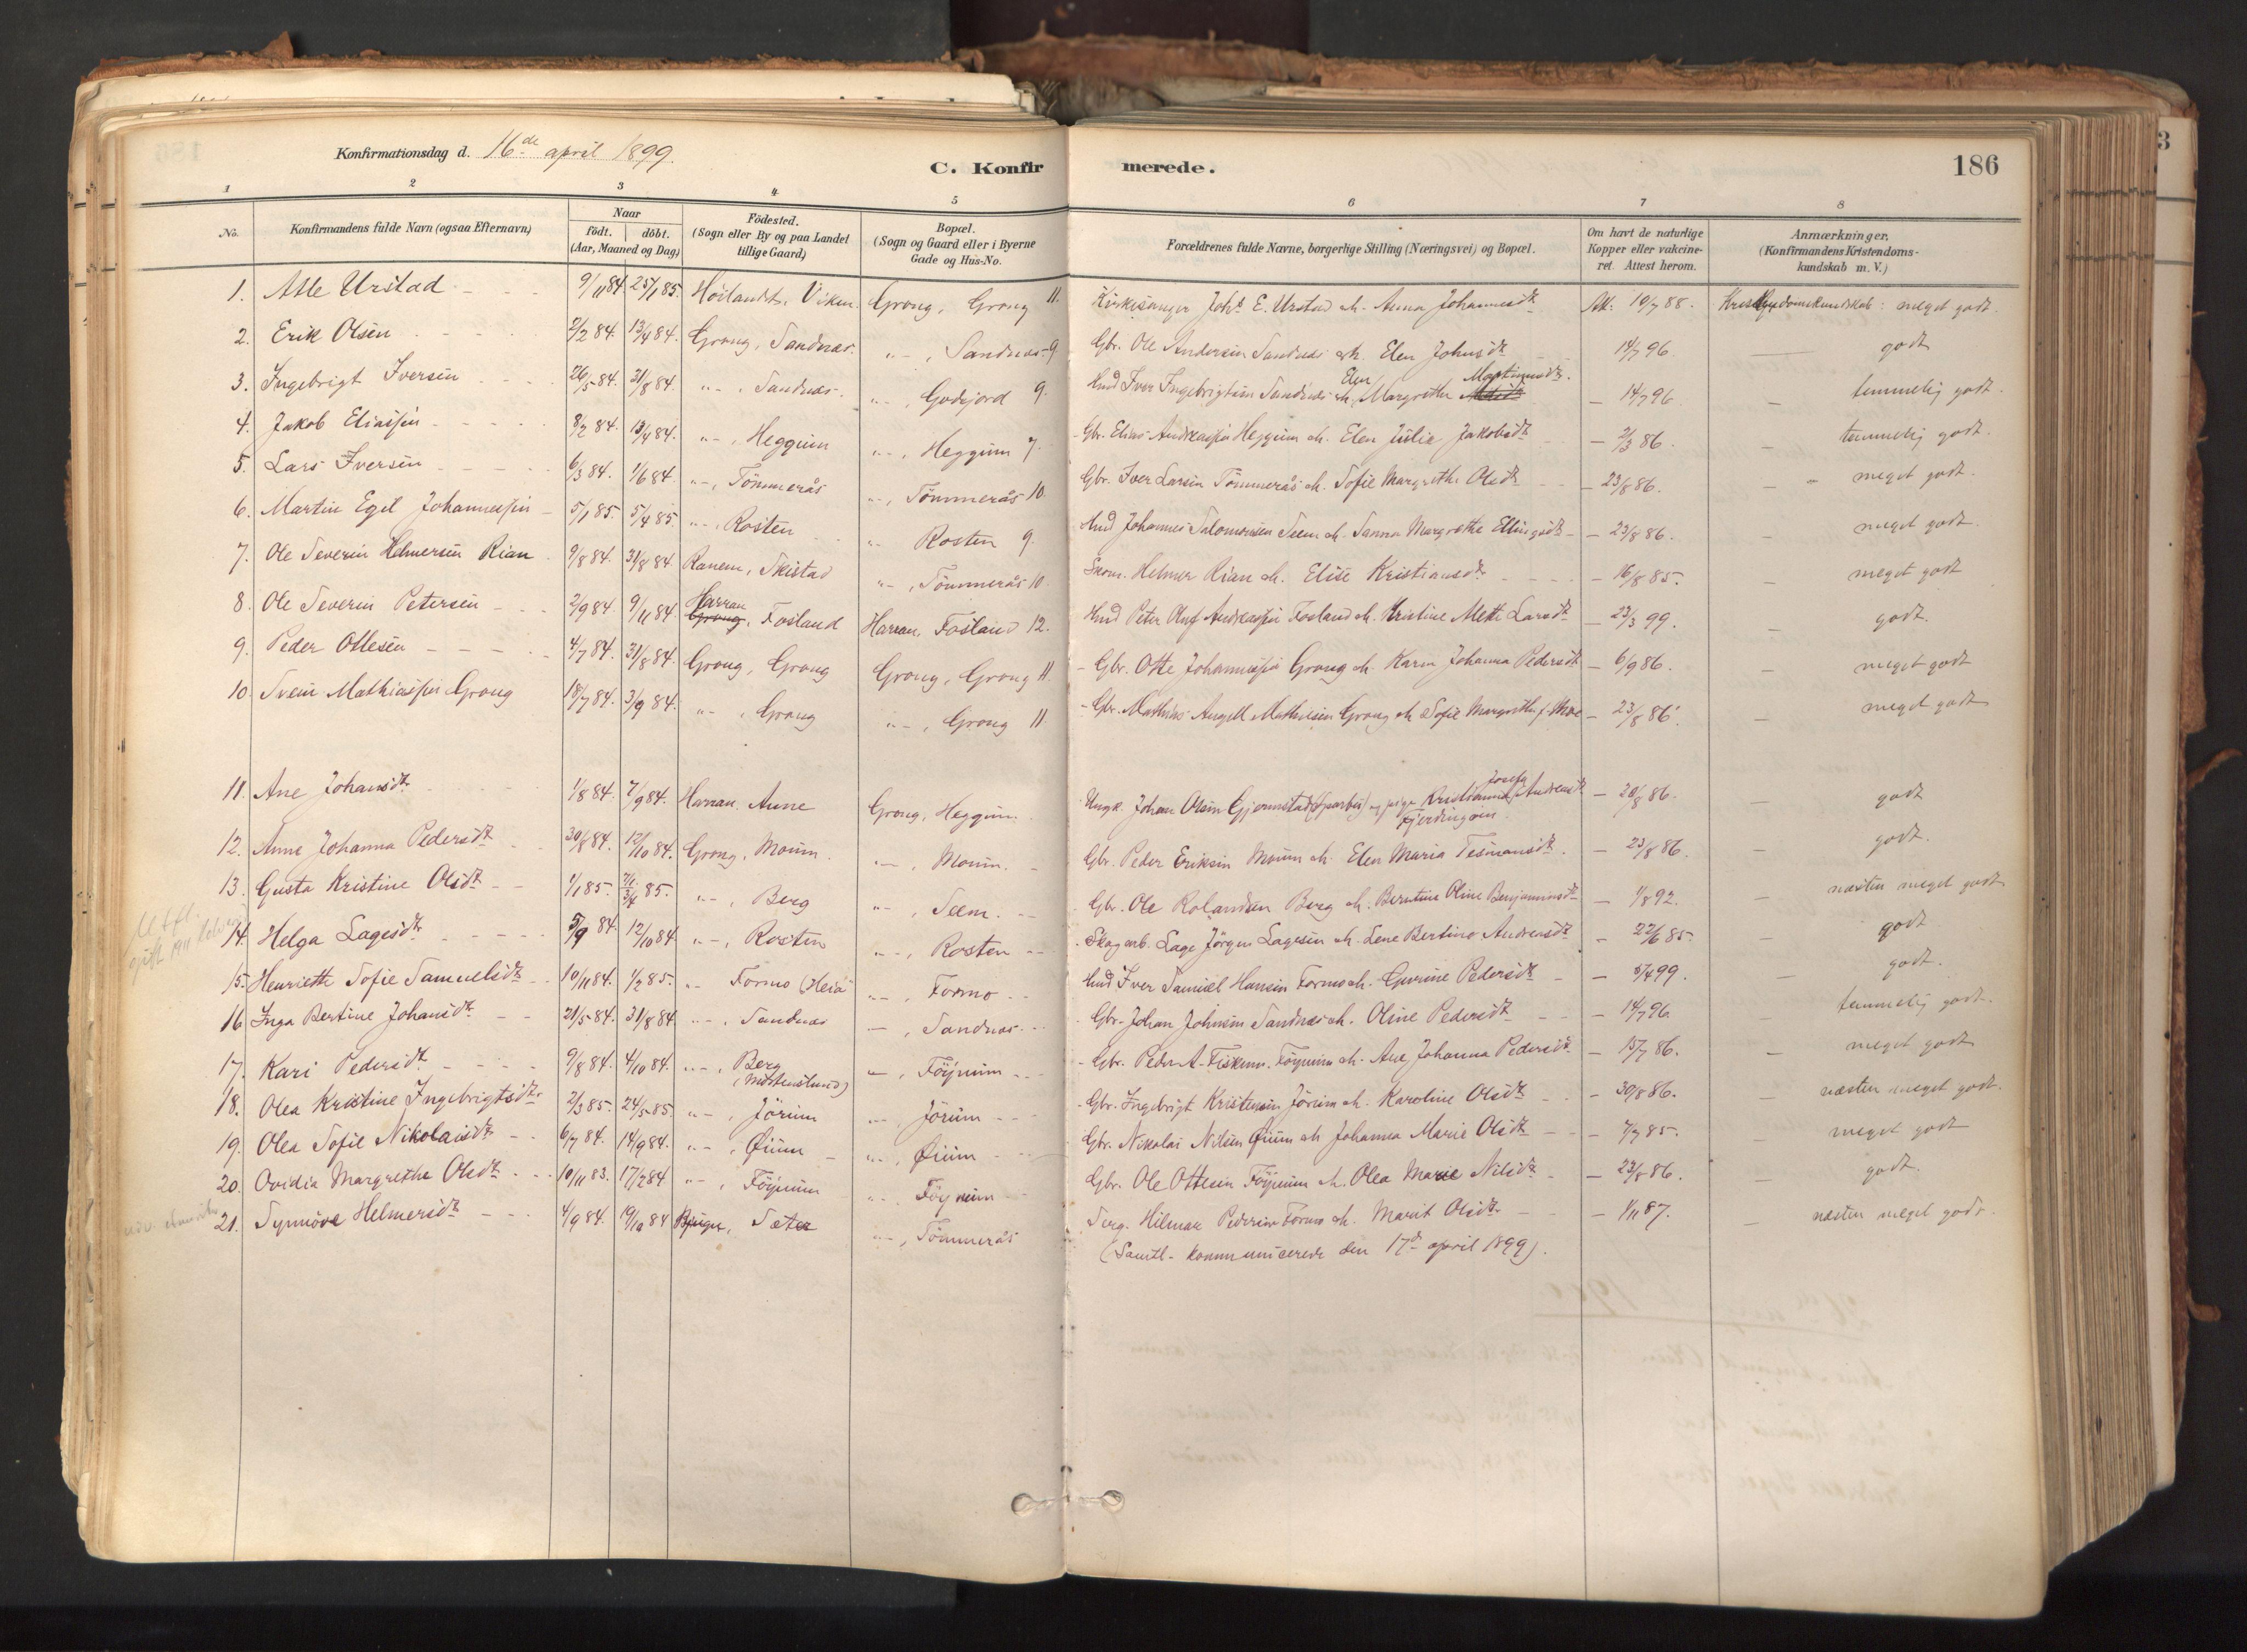 SAT, Ministerialprotokoller, klokkerbøker og fødselsregistre - Nord-Trøndelag, 758/L0519: Ministerialbok nr. 758A04, 1880-1926, s. 186